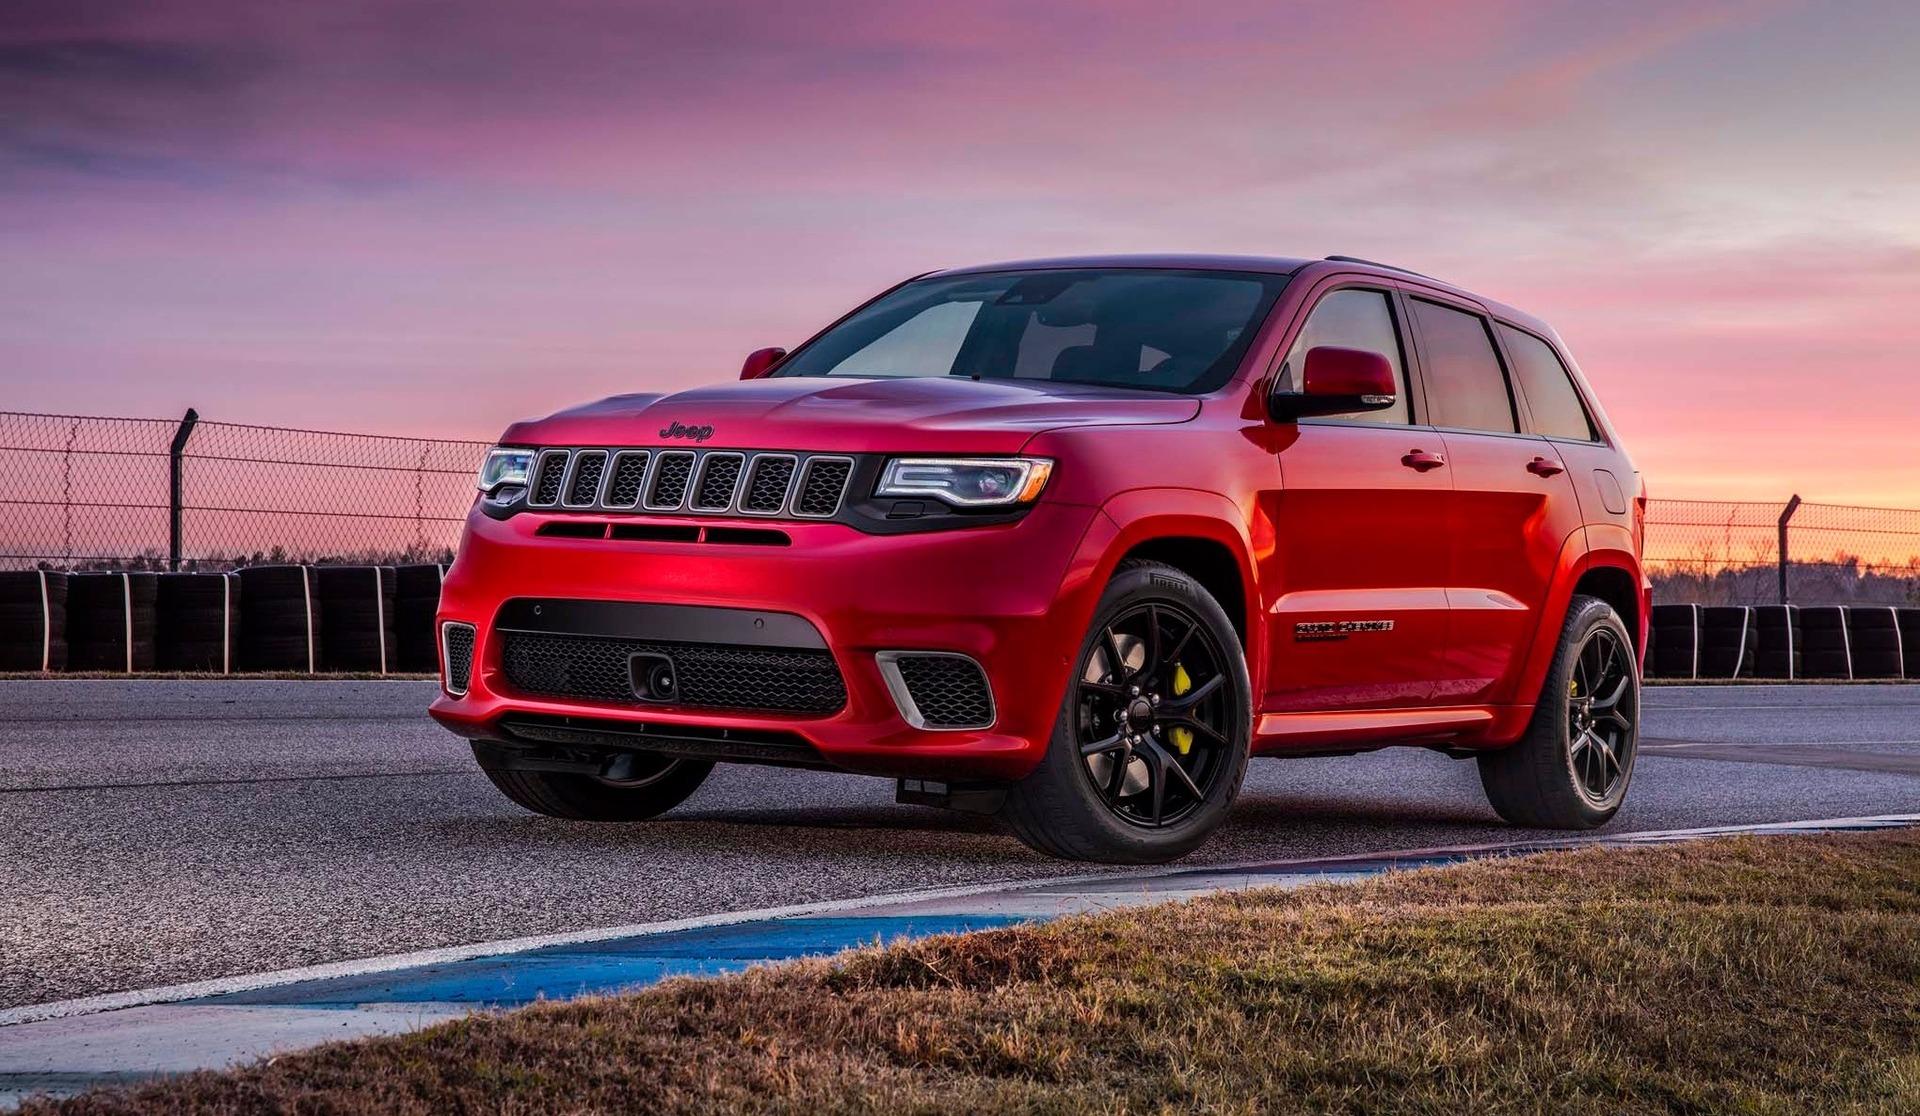 Le Grand Cherokee Trackhawk 2018: un monstre